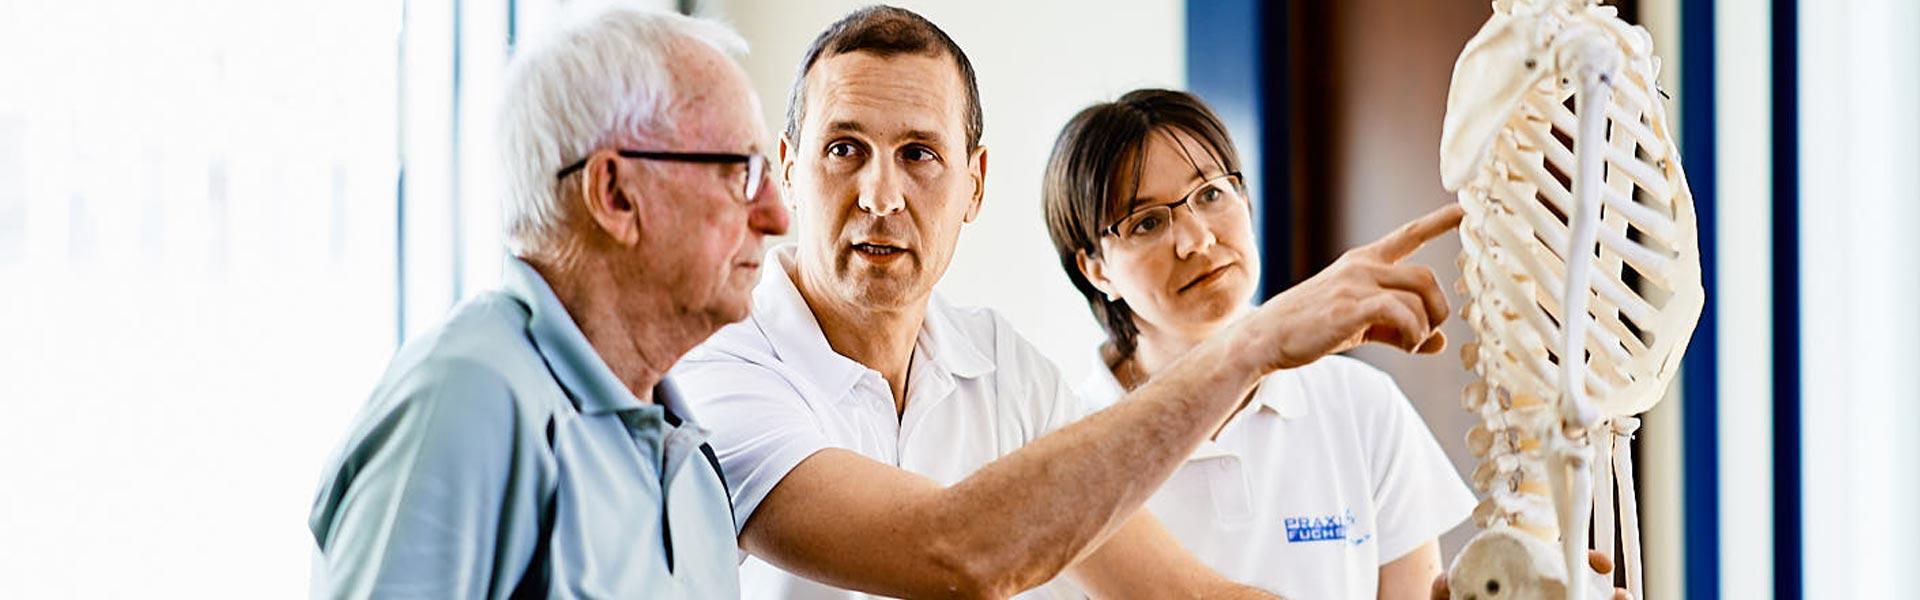 Praxis Fuchs Physiotherapie Osteotherapie Beratung und Betreuung Rottweil